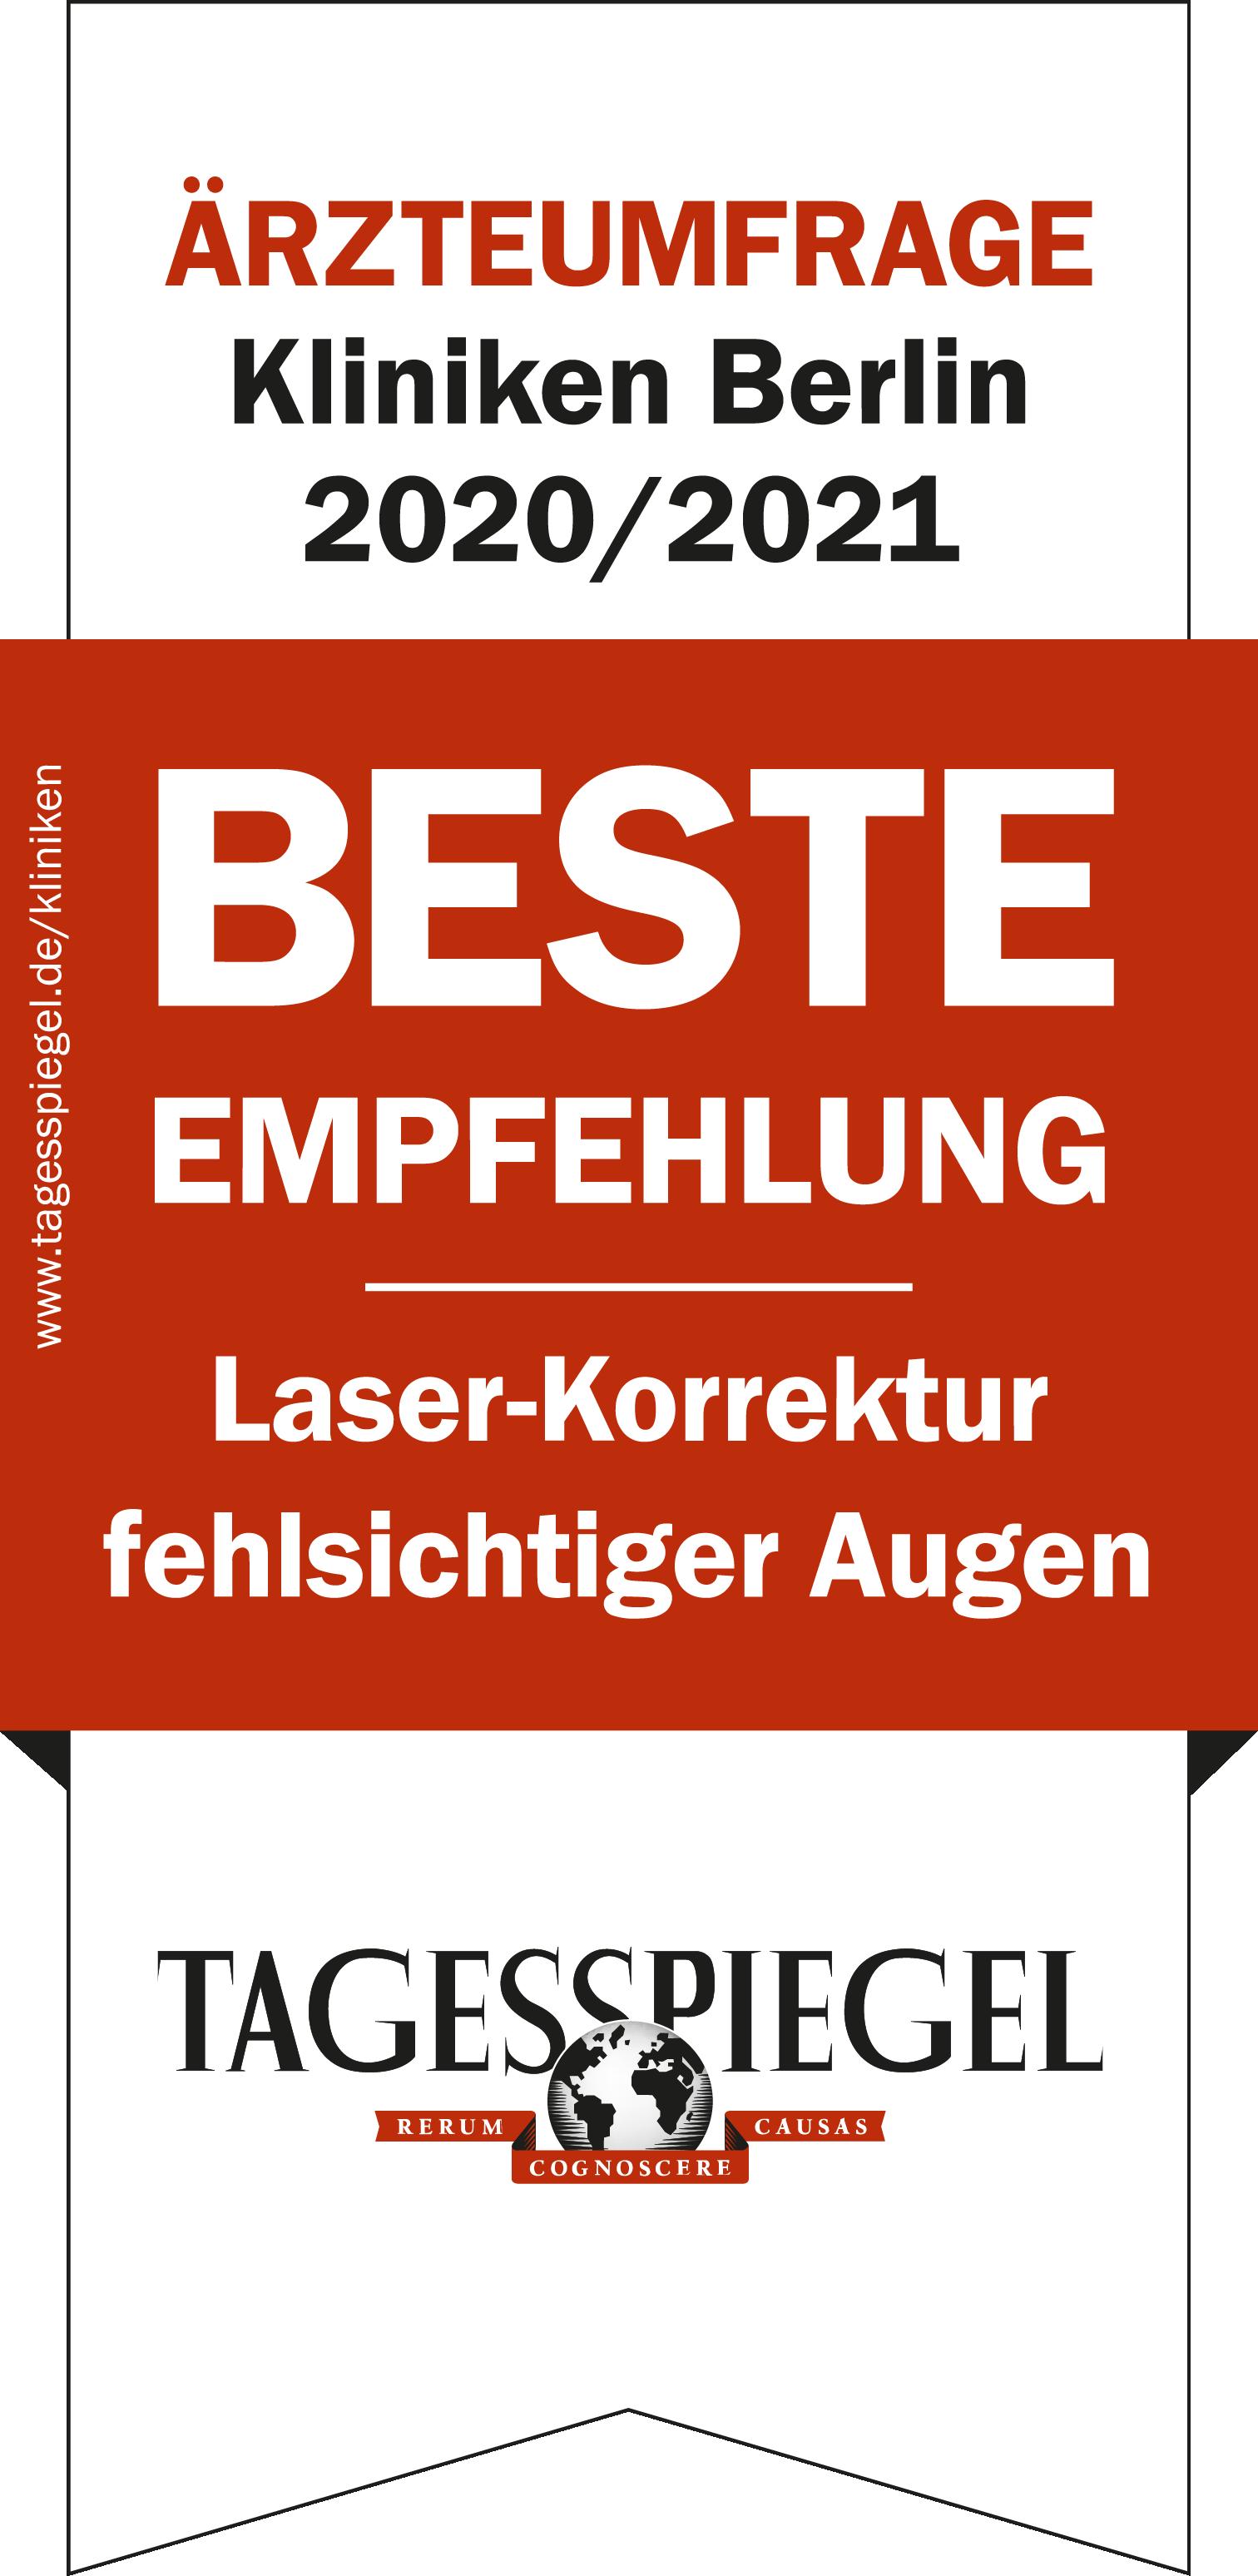 Auszeichnung Tagesspiegel Augenklinik am Wittenbergplatz Berlin